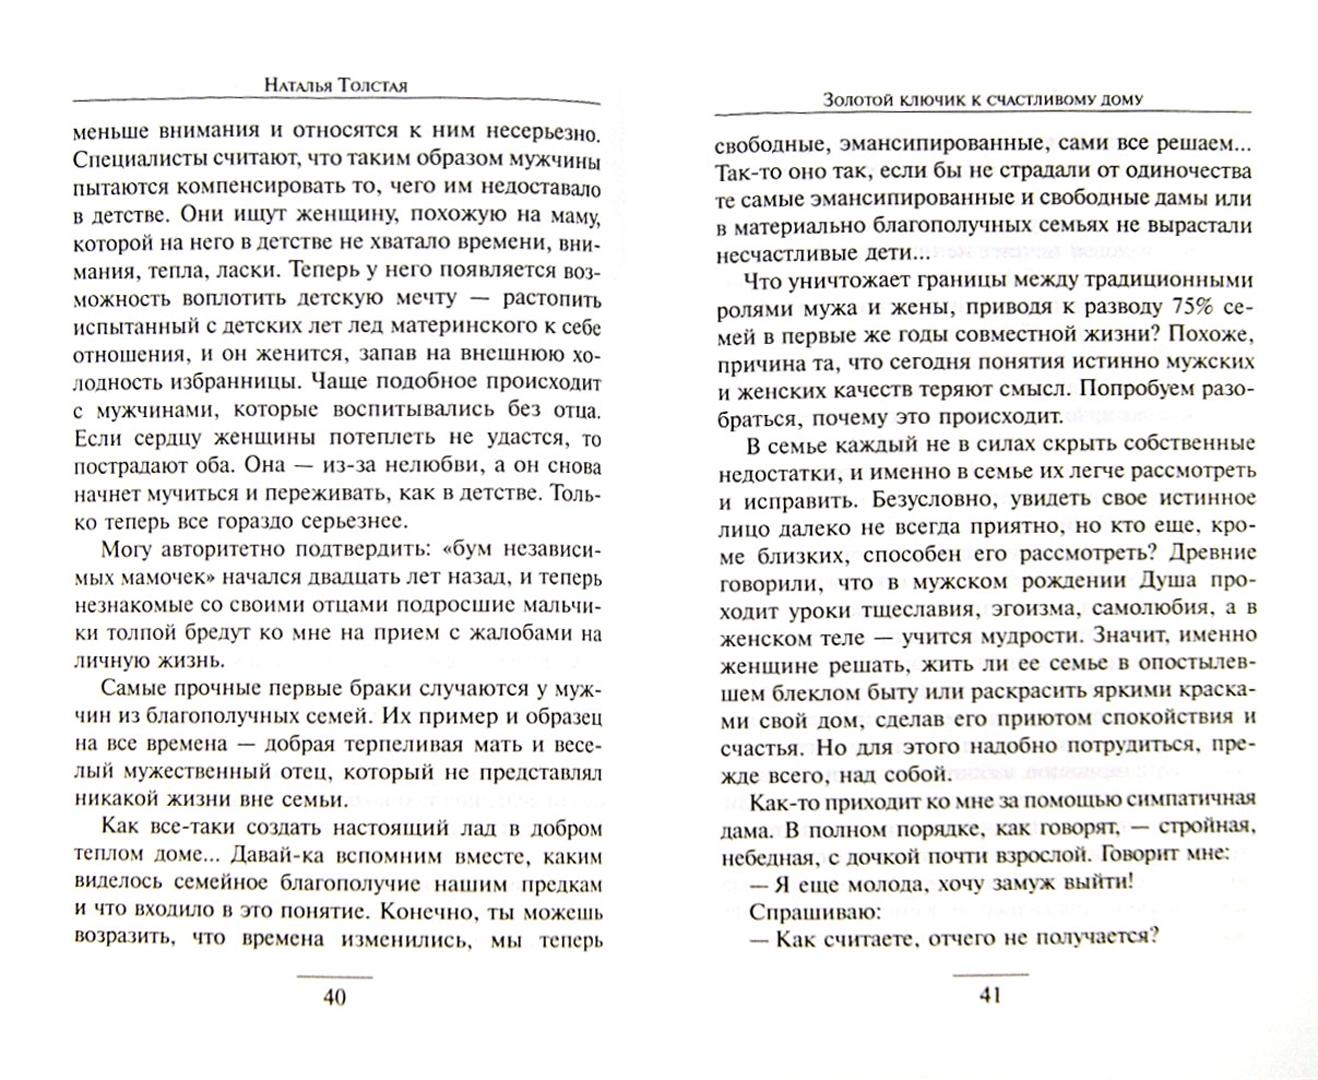 Иллюстрация 1 из 8 для Золотой ключик к счастливому дому - Наталья Толстая   Лабиринт - книги. Источник: Лабиринт